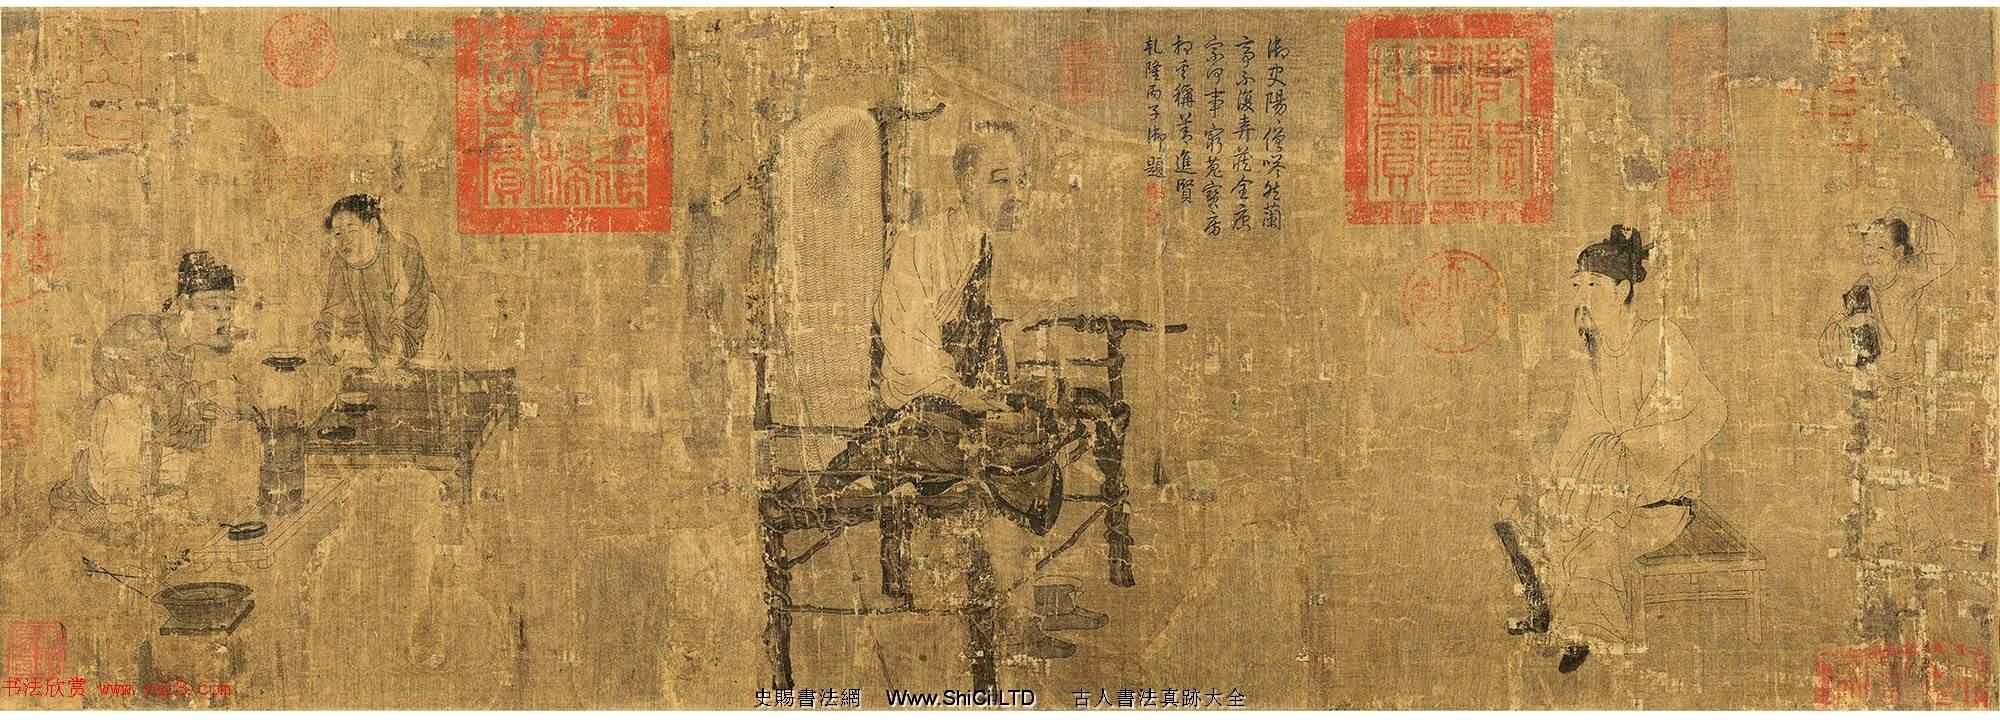 唐代畫家閻立本繪《蕭翼賺蘭亭序》(共13張圖片)